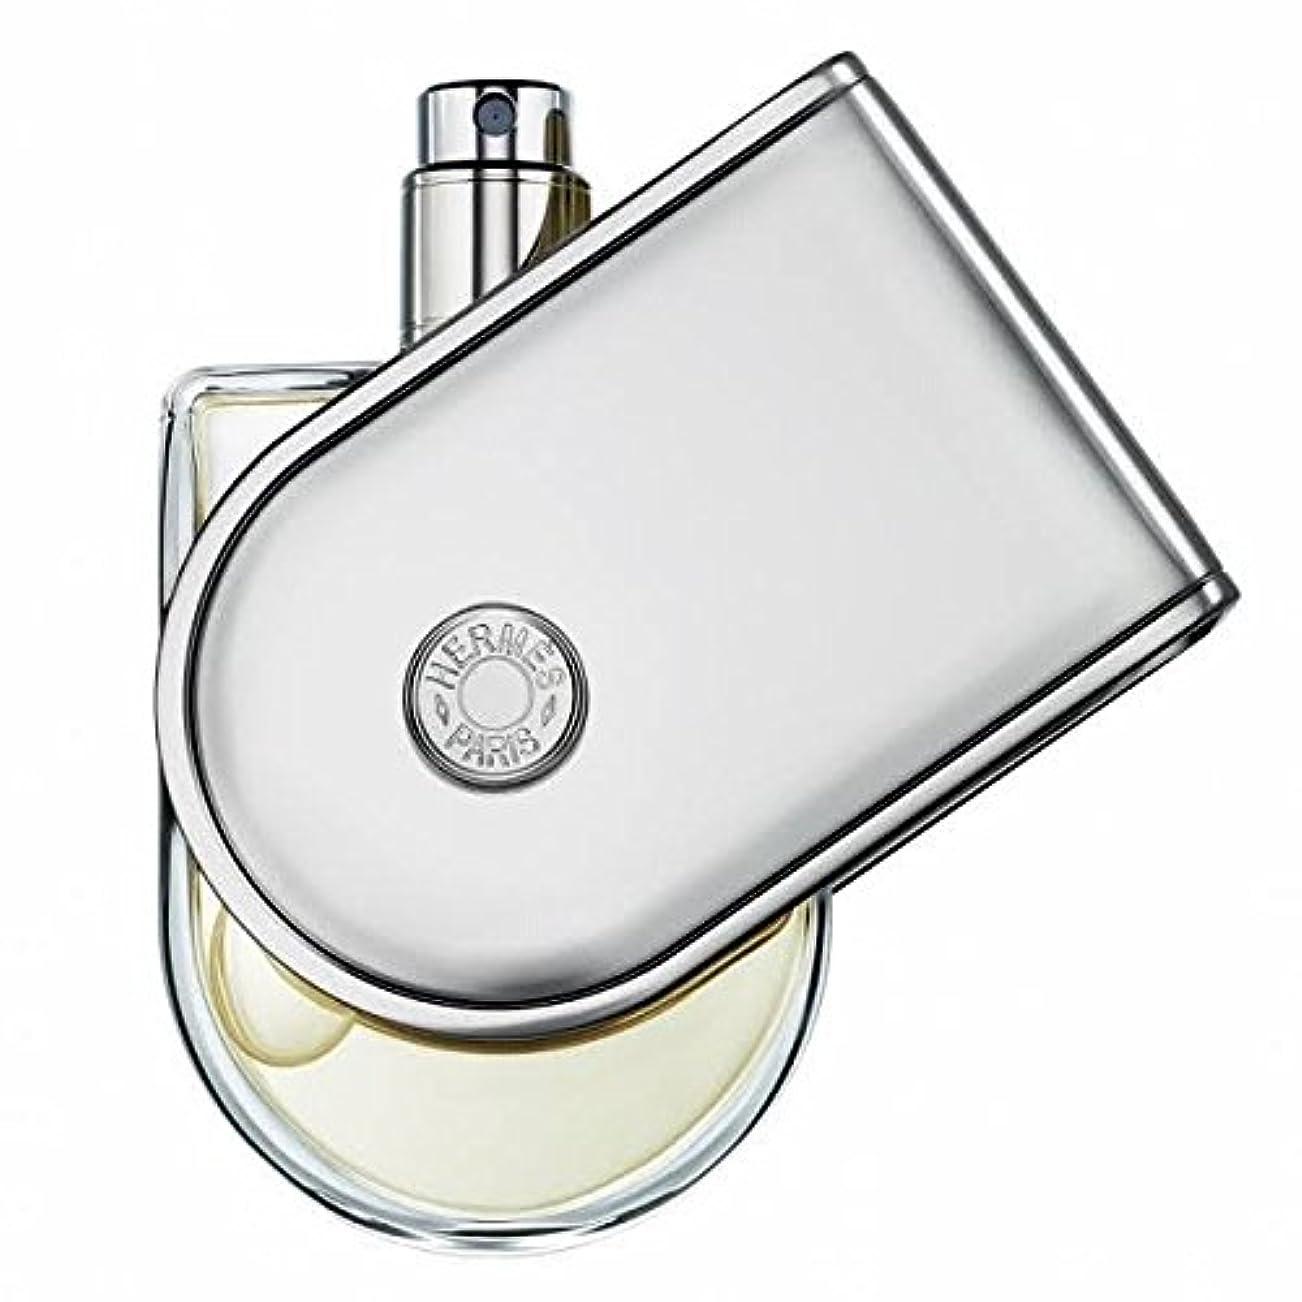 ビリー偽メアリアンジョーンズエルメス ヴォヤージュ ドゥ エルメス オードトワレ EDT ナチュラルスプレー 35mL 香水